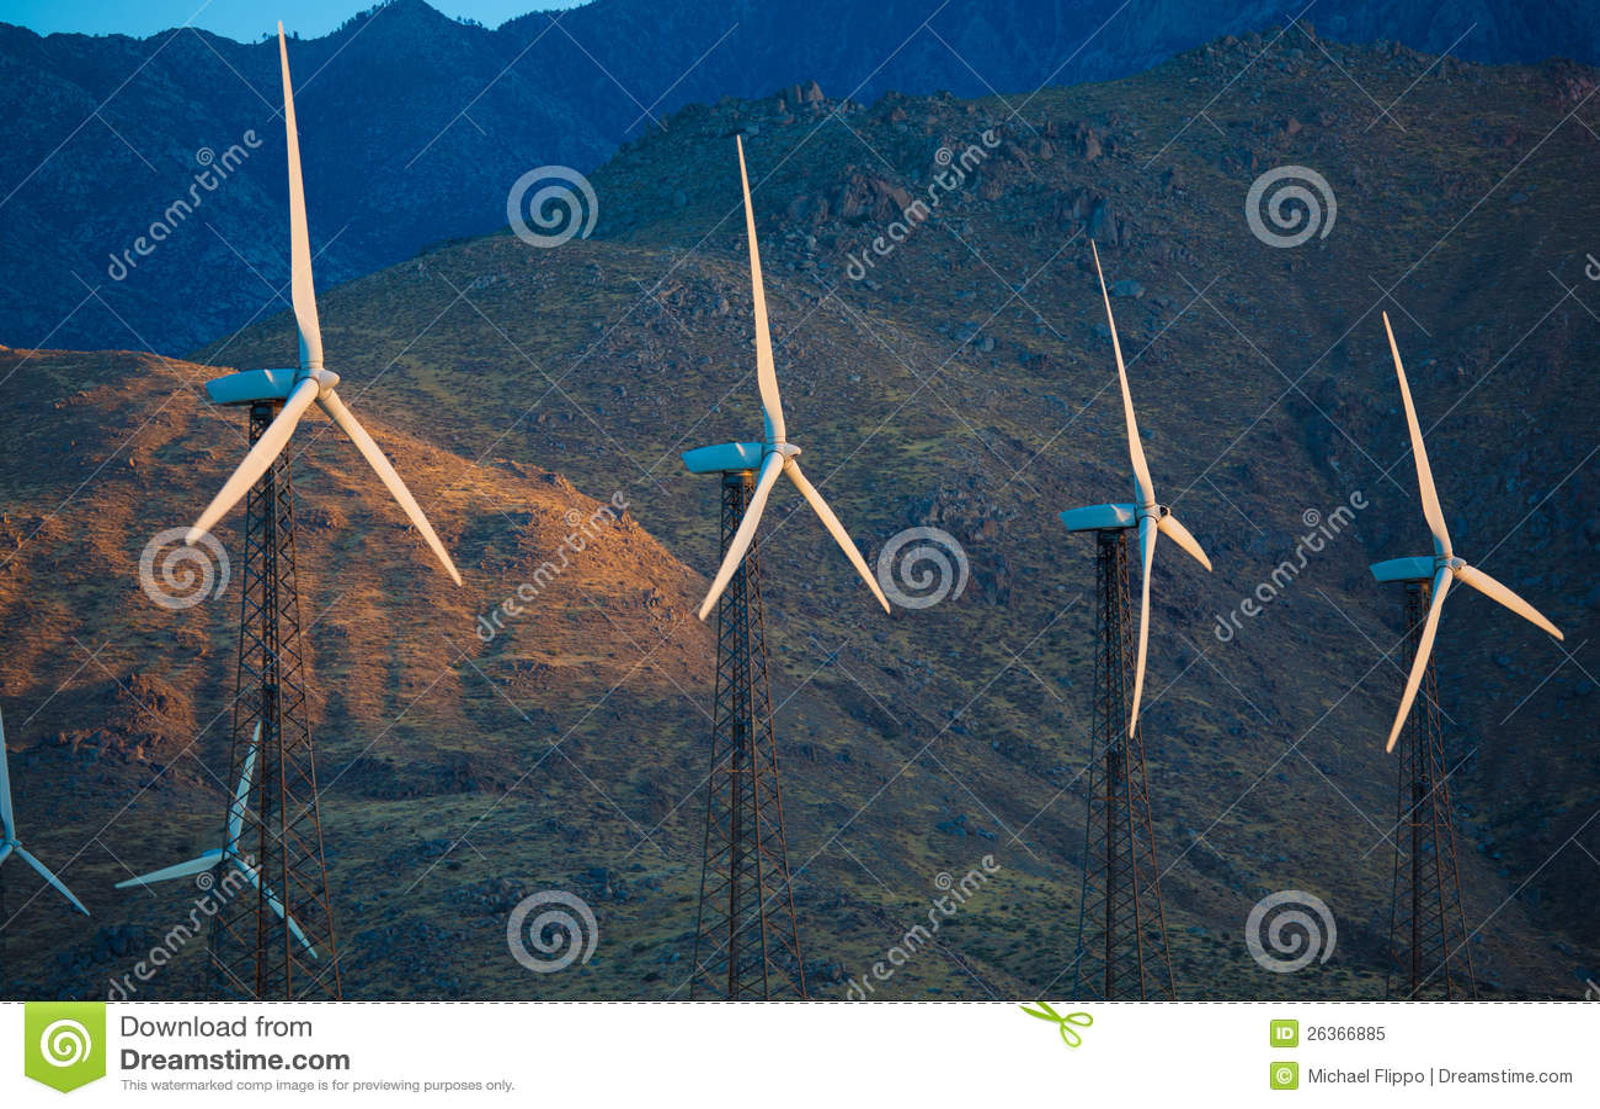 Eine Gruppe Windkraftanlagen, Windtausendstel im Nachtisch